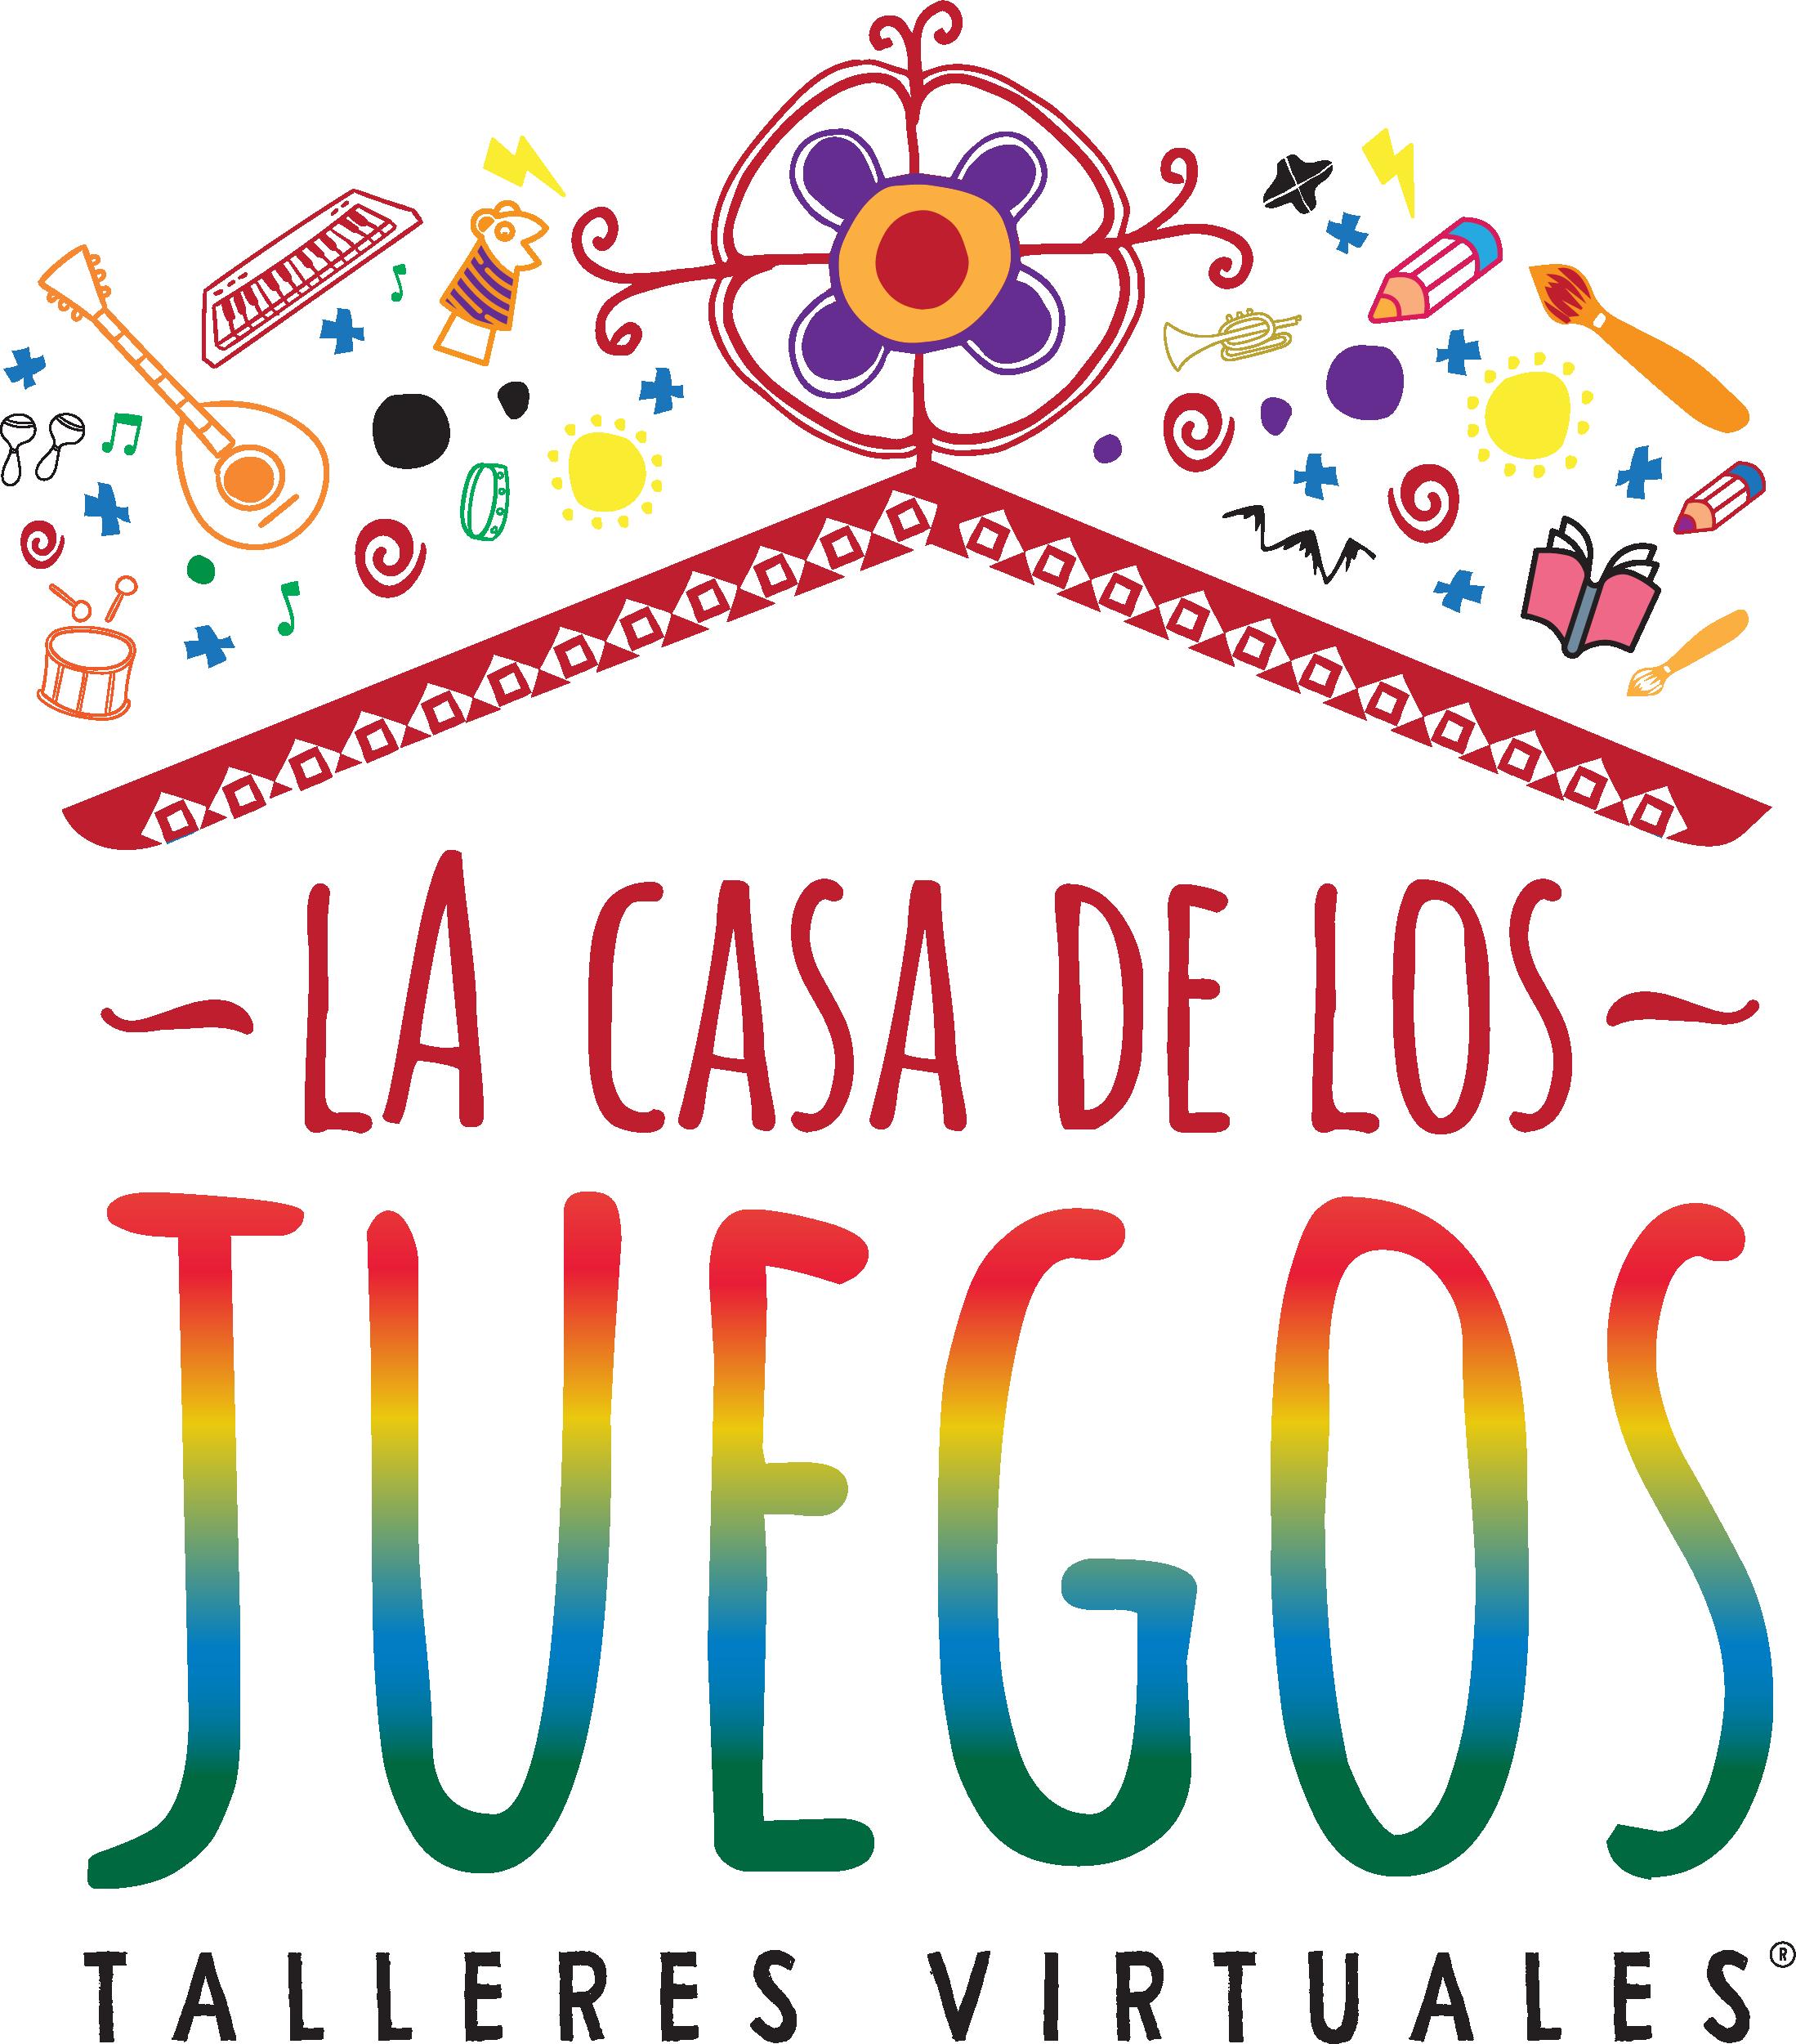 La casa de los juegos Peru